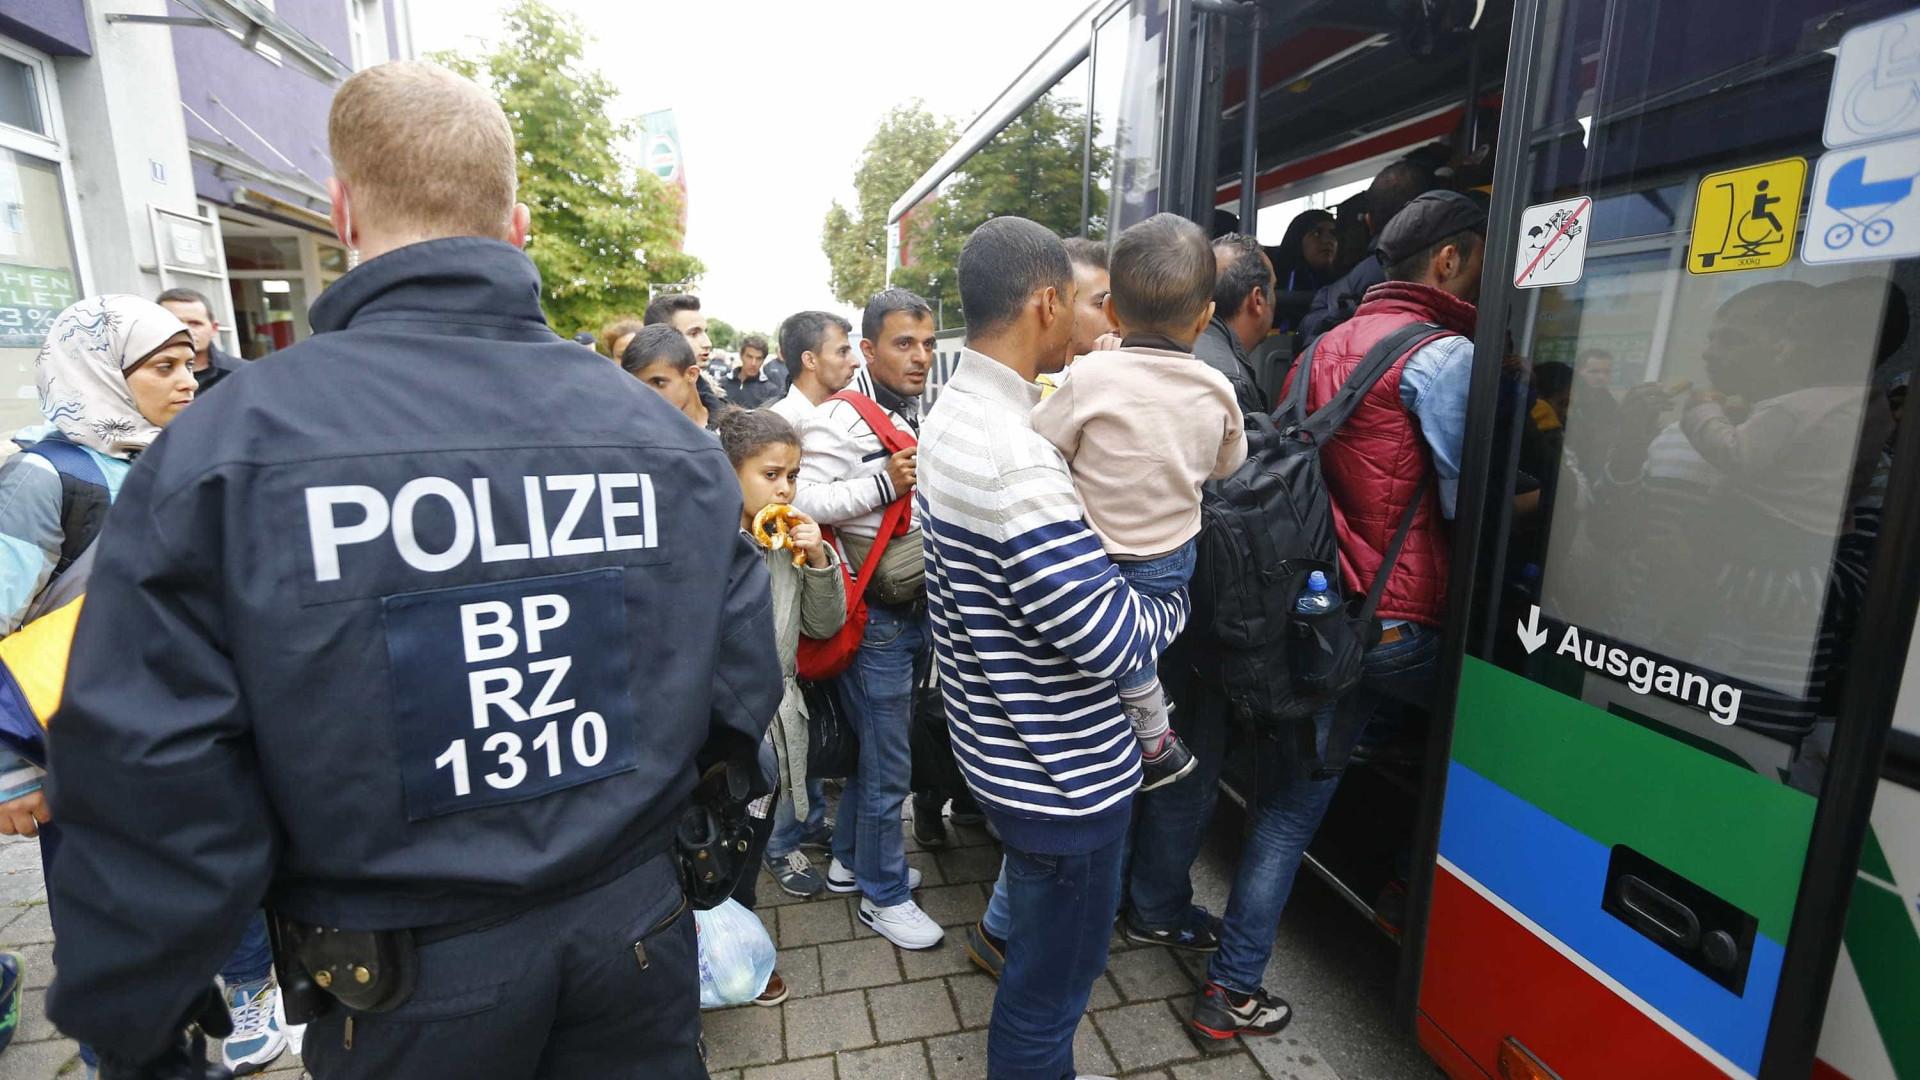 Alemanha continua a liderar pedidos de asilo na UE em 2017